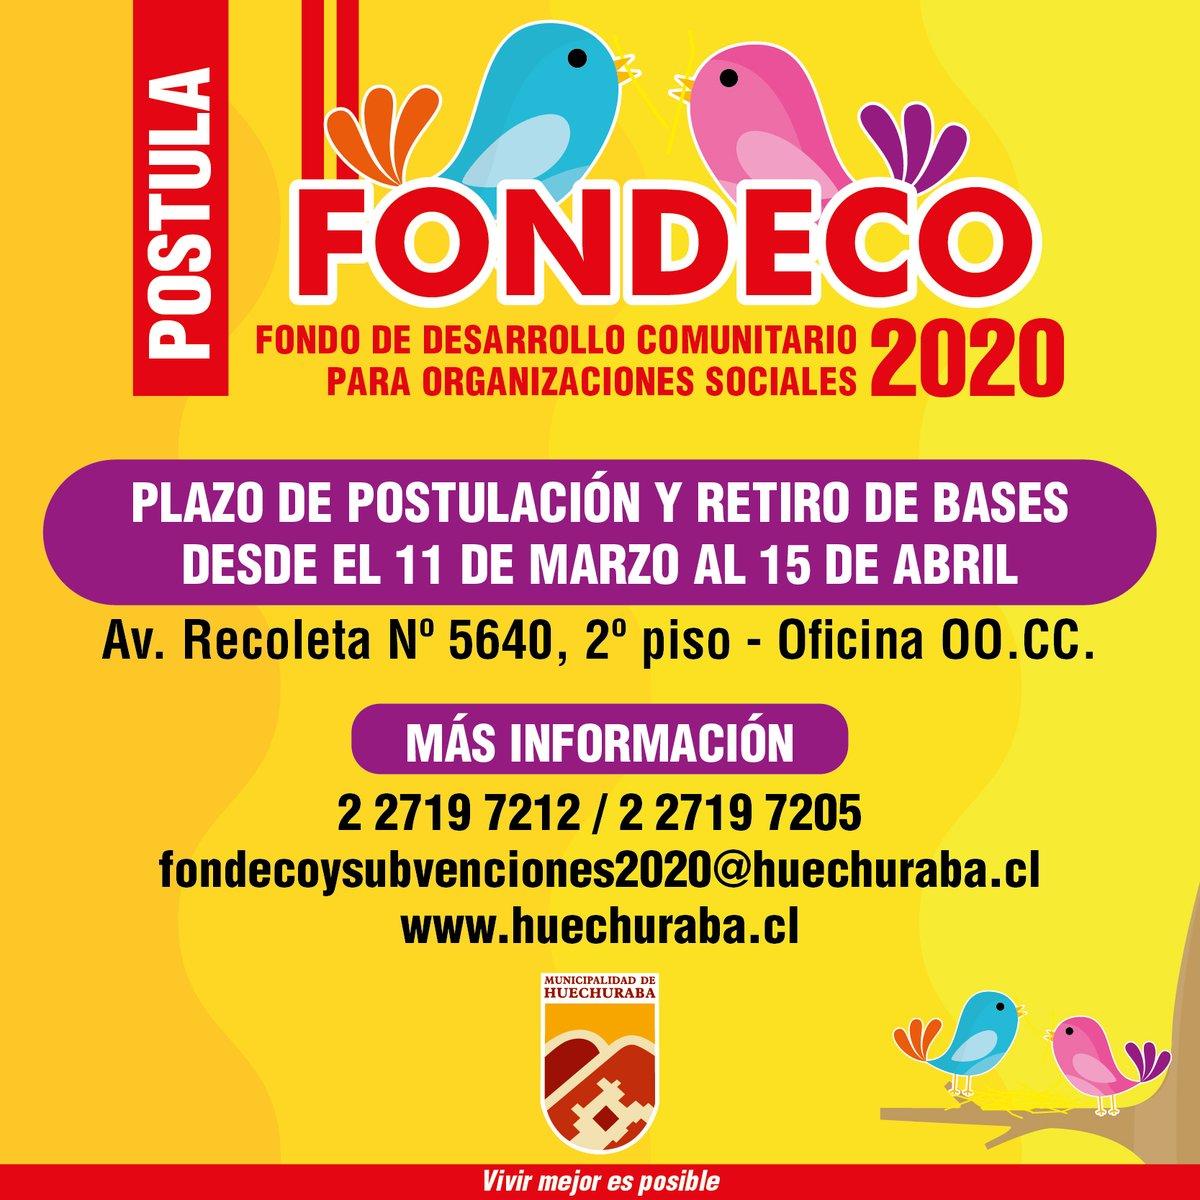 FONDECO 2020: invitamos a postular con sus proyectos a las organizaciones territoriales y funcionales. Más información en https://bit.ly/3cjf5qIpic.twitter.com/v1WQVP0zXe